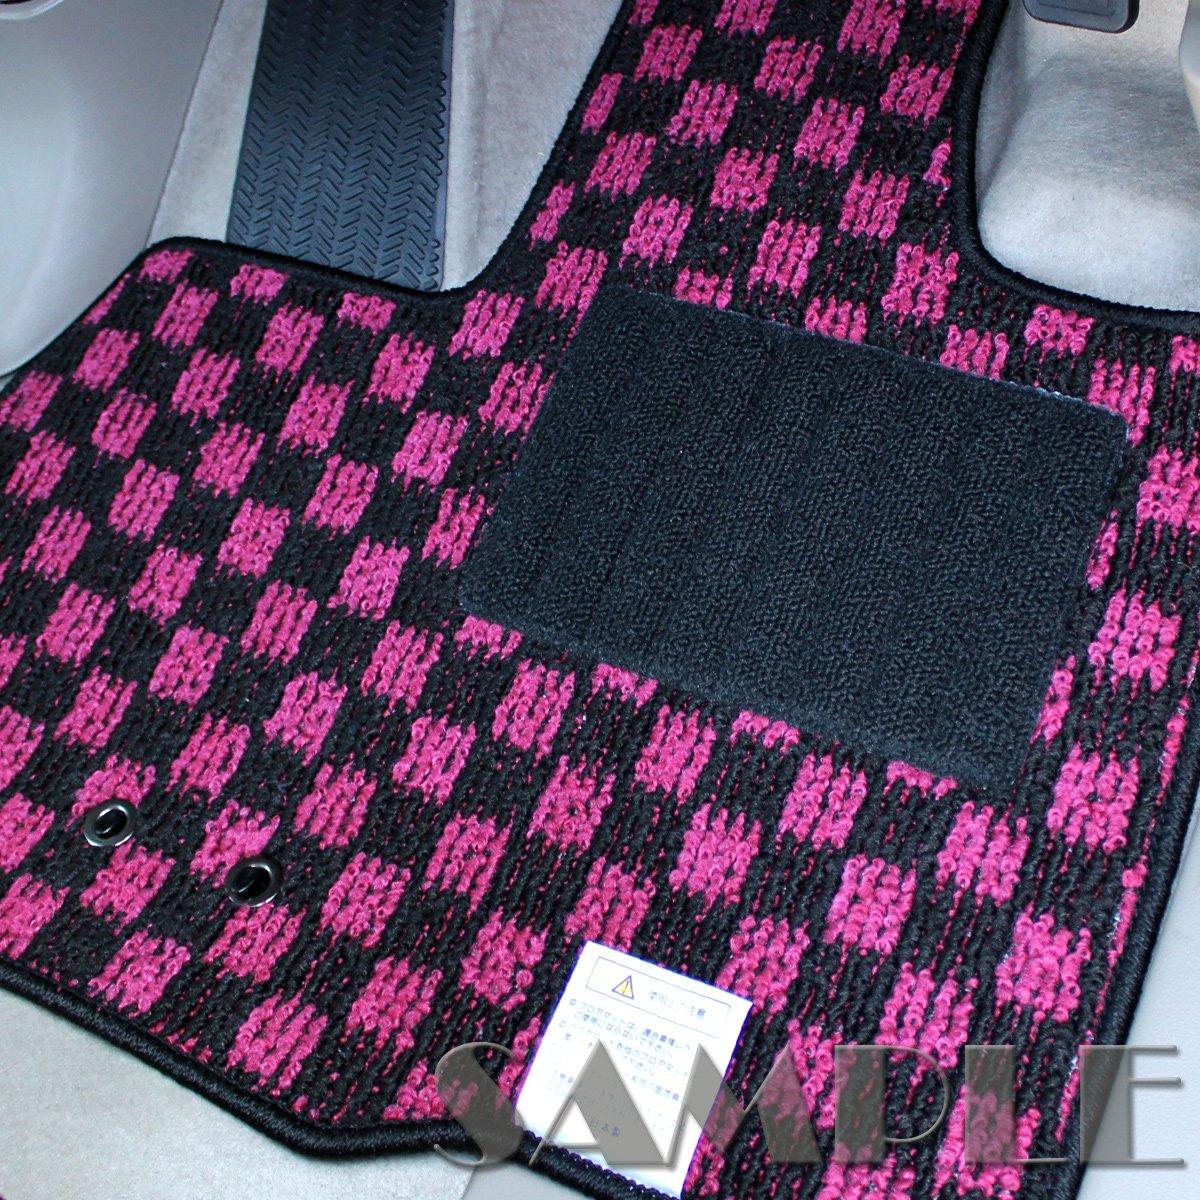 スバル サンバーバン サンバーディアス フロアマット [適応車種:平成11年2月~平成24年2月 MT車]エクセレントMAT-Plus【車種別専用設計社外品自動車マット】【エクセレント チェックピンク】 B075YBJKK3 ピンク ピンク